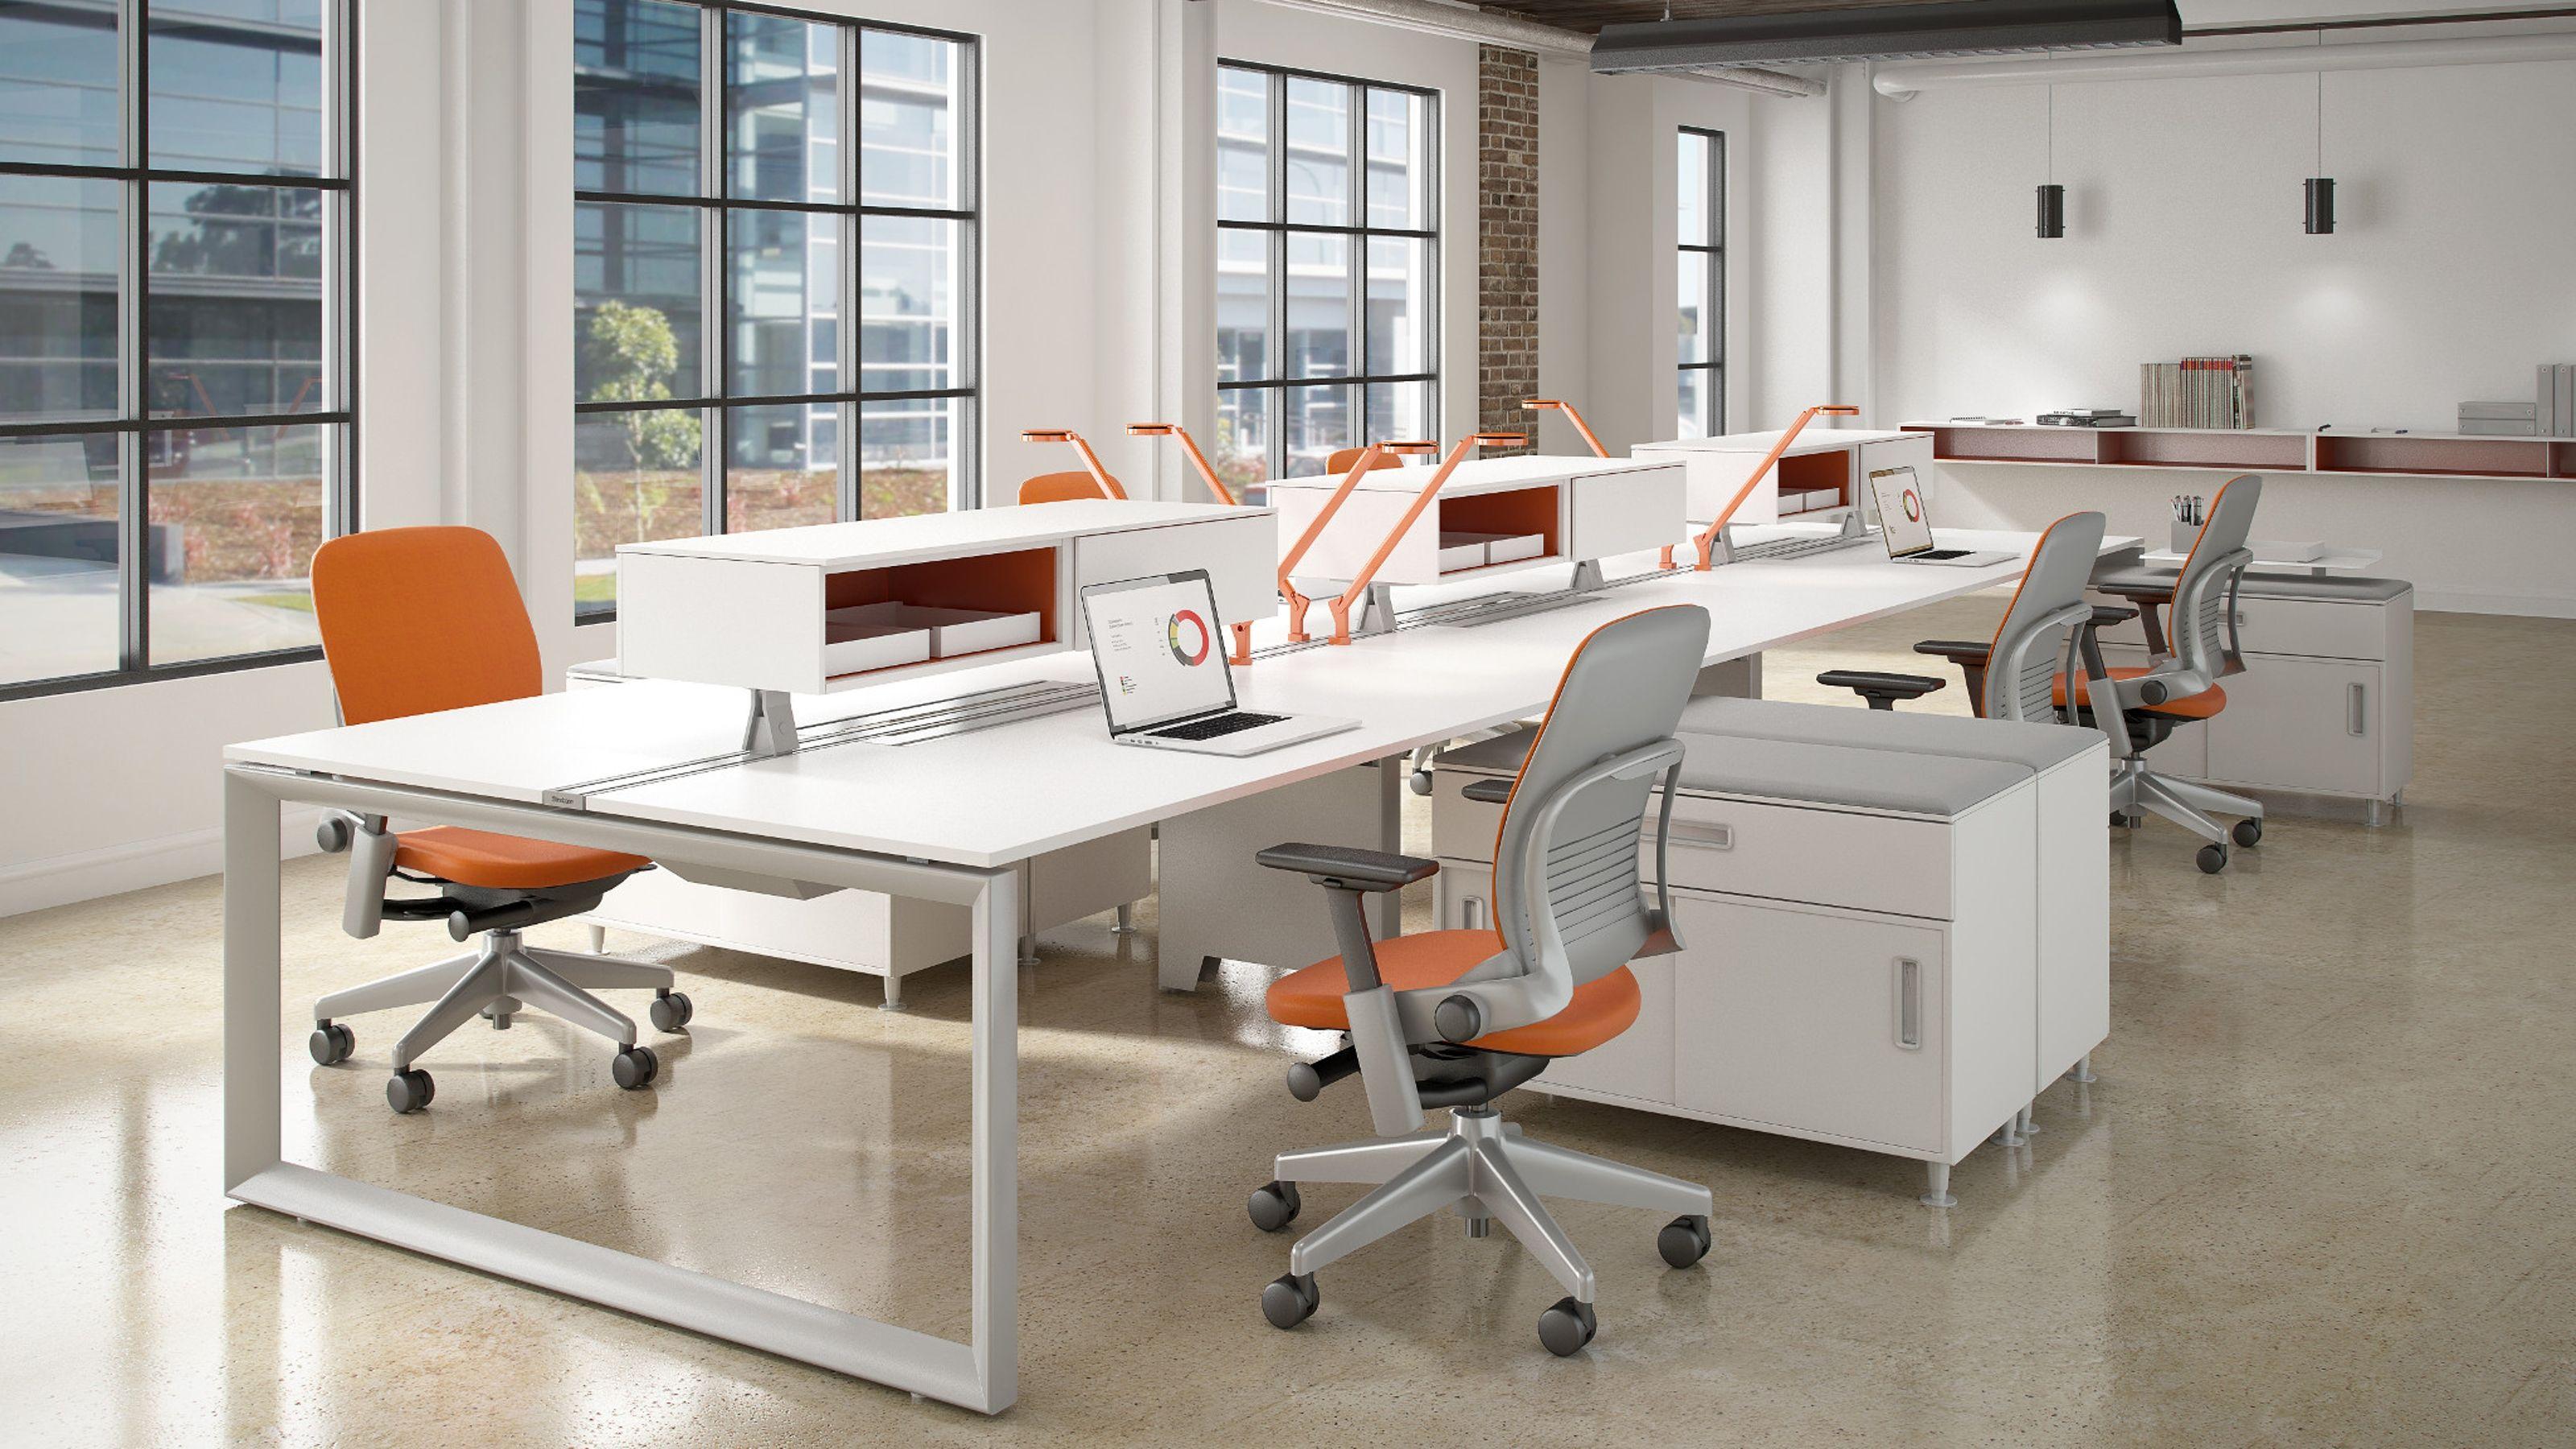 Download 3 200 1 800 Pixels Office Furniture Pinterest  # Muebles Giulani